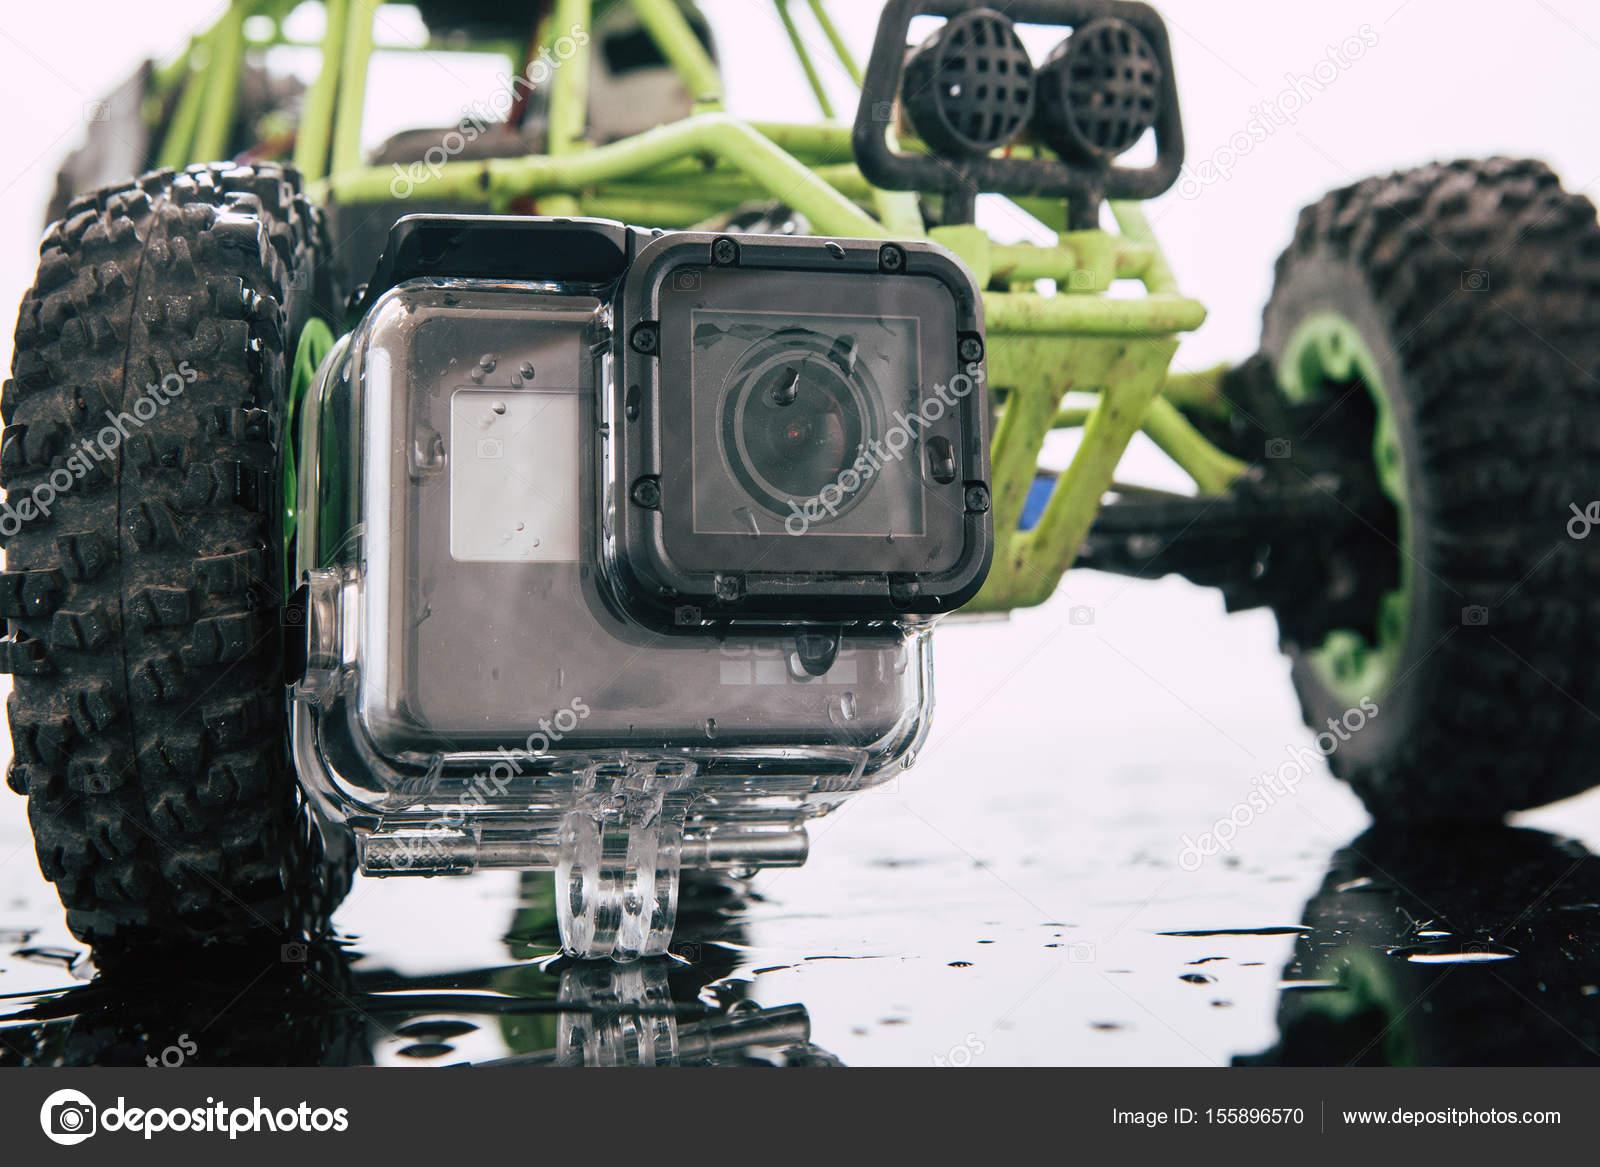 844c12b14914 Kharkov, Ukrajna - 2017. április 6.: Gopro Hero 5 cselekvési kamera vízálló  tok. RC autó a hátteret. Kompakt szerkentyű vízálló, támogatás 4k videóinak  és ...